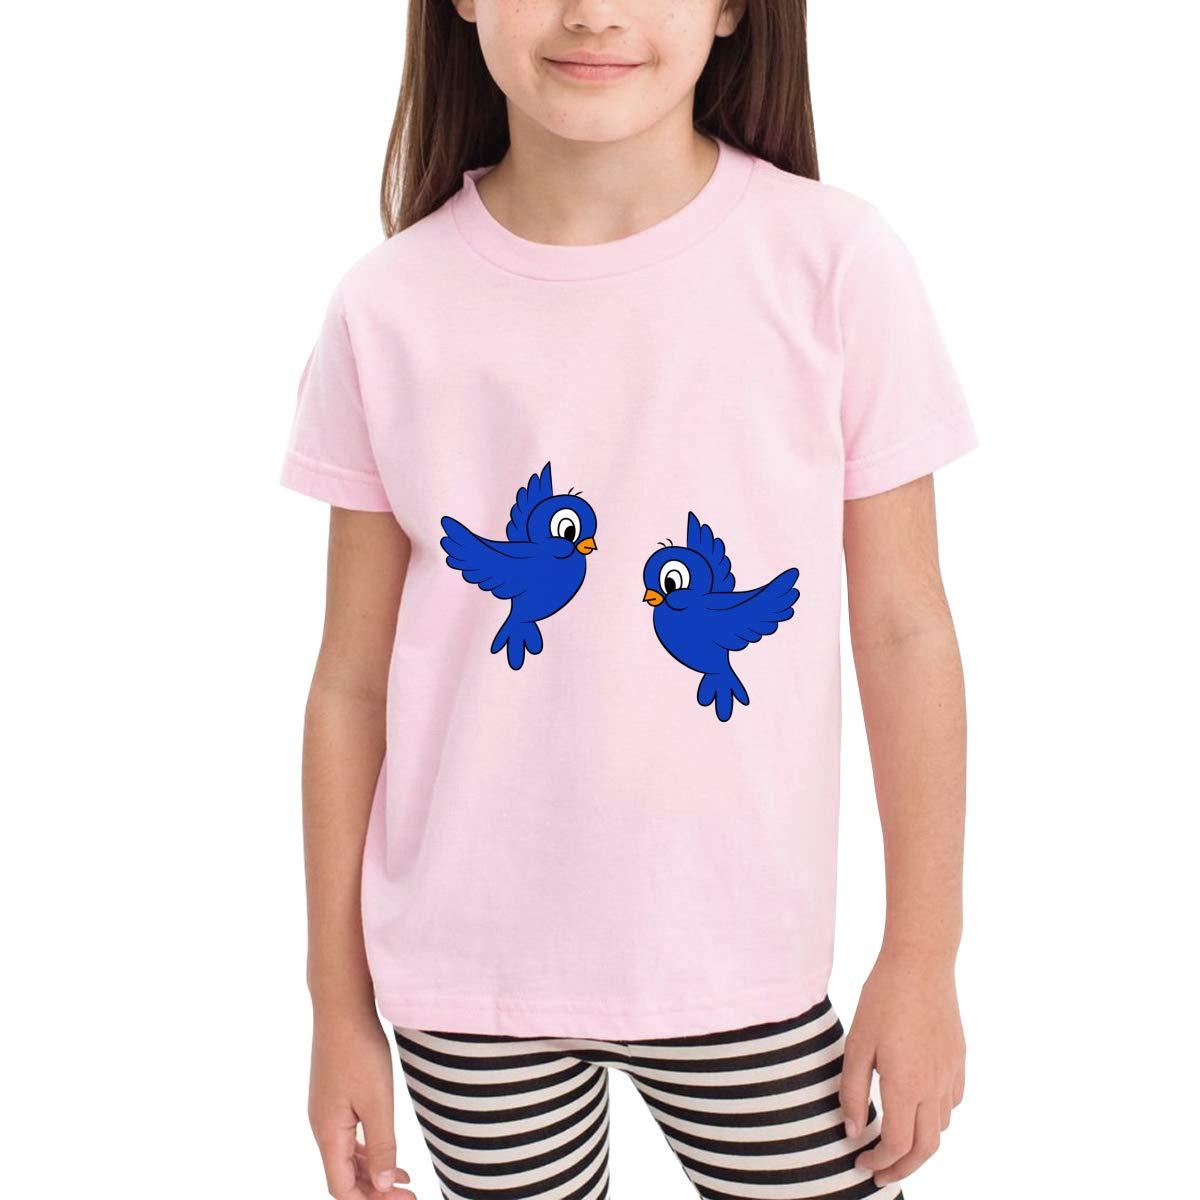 Cartoon Blue Birds 100/% Cotton Toddler Baby Boys Girls Kids Short Sleeve T Shirt Top Tee Clothes 2-6 T